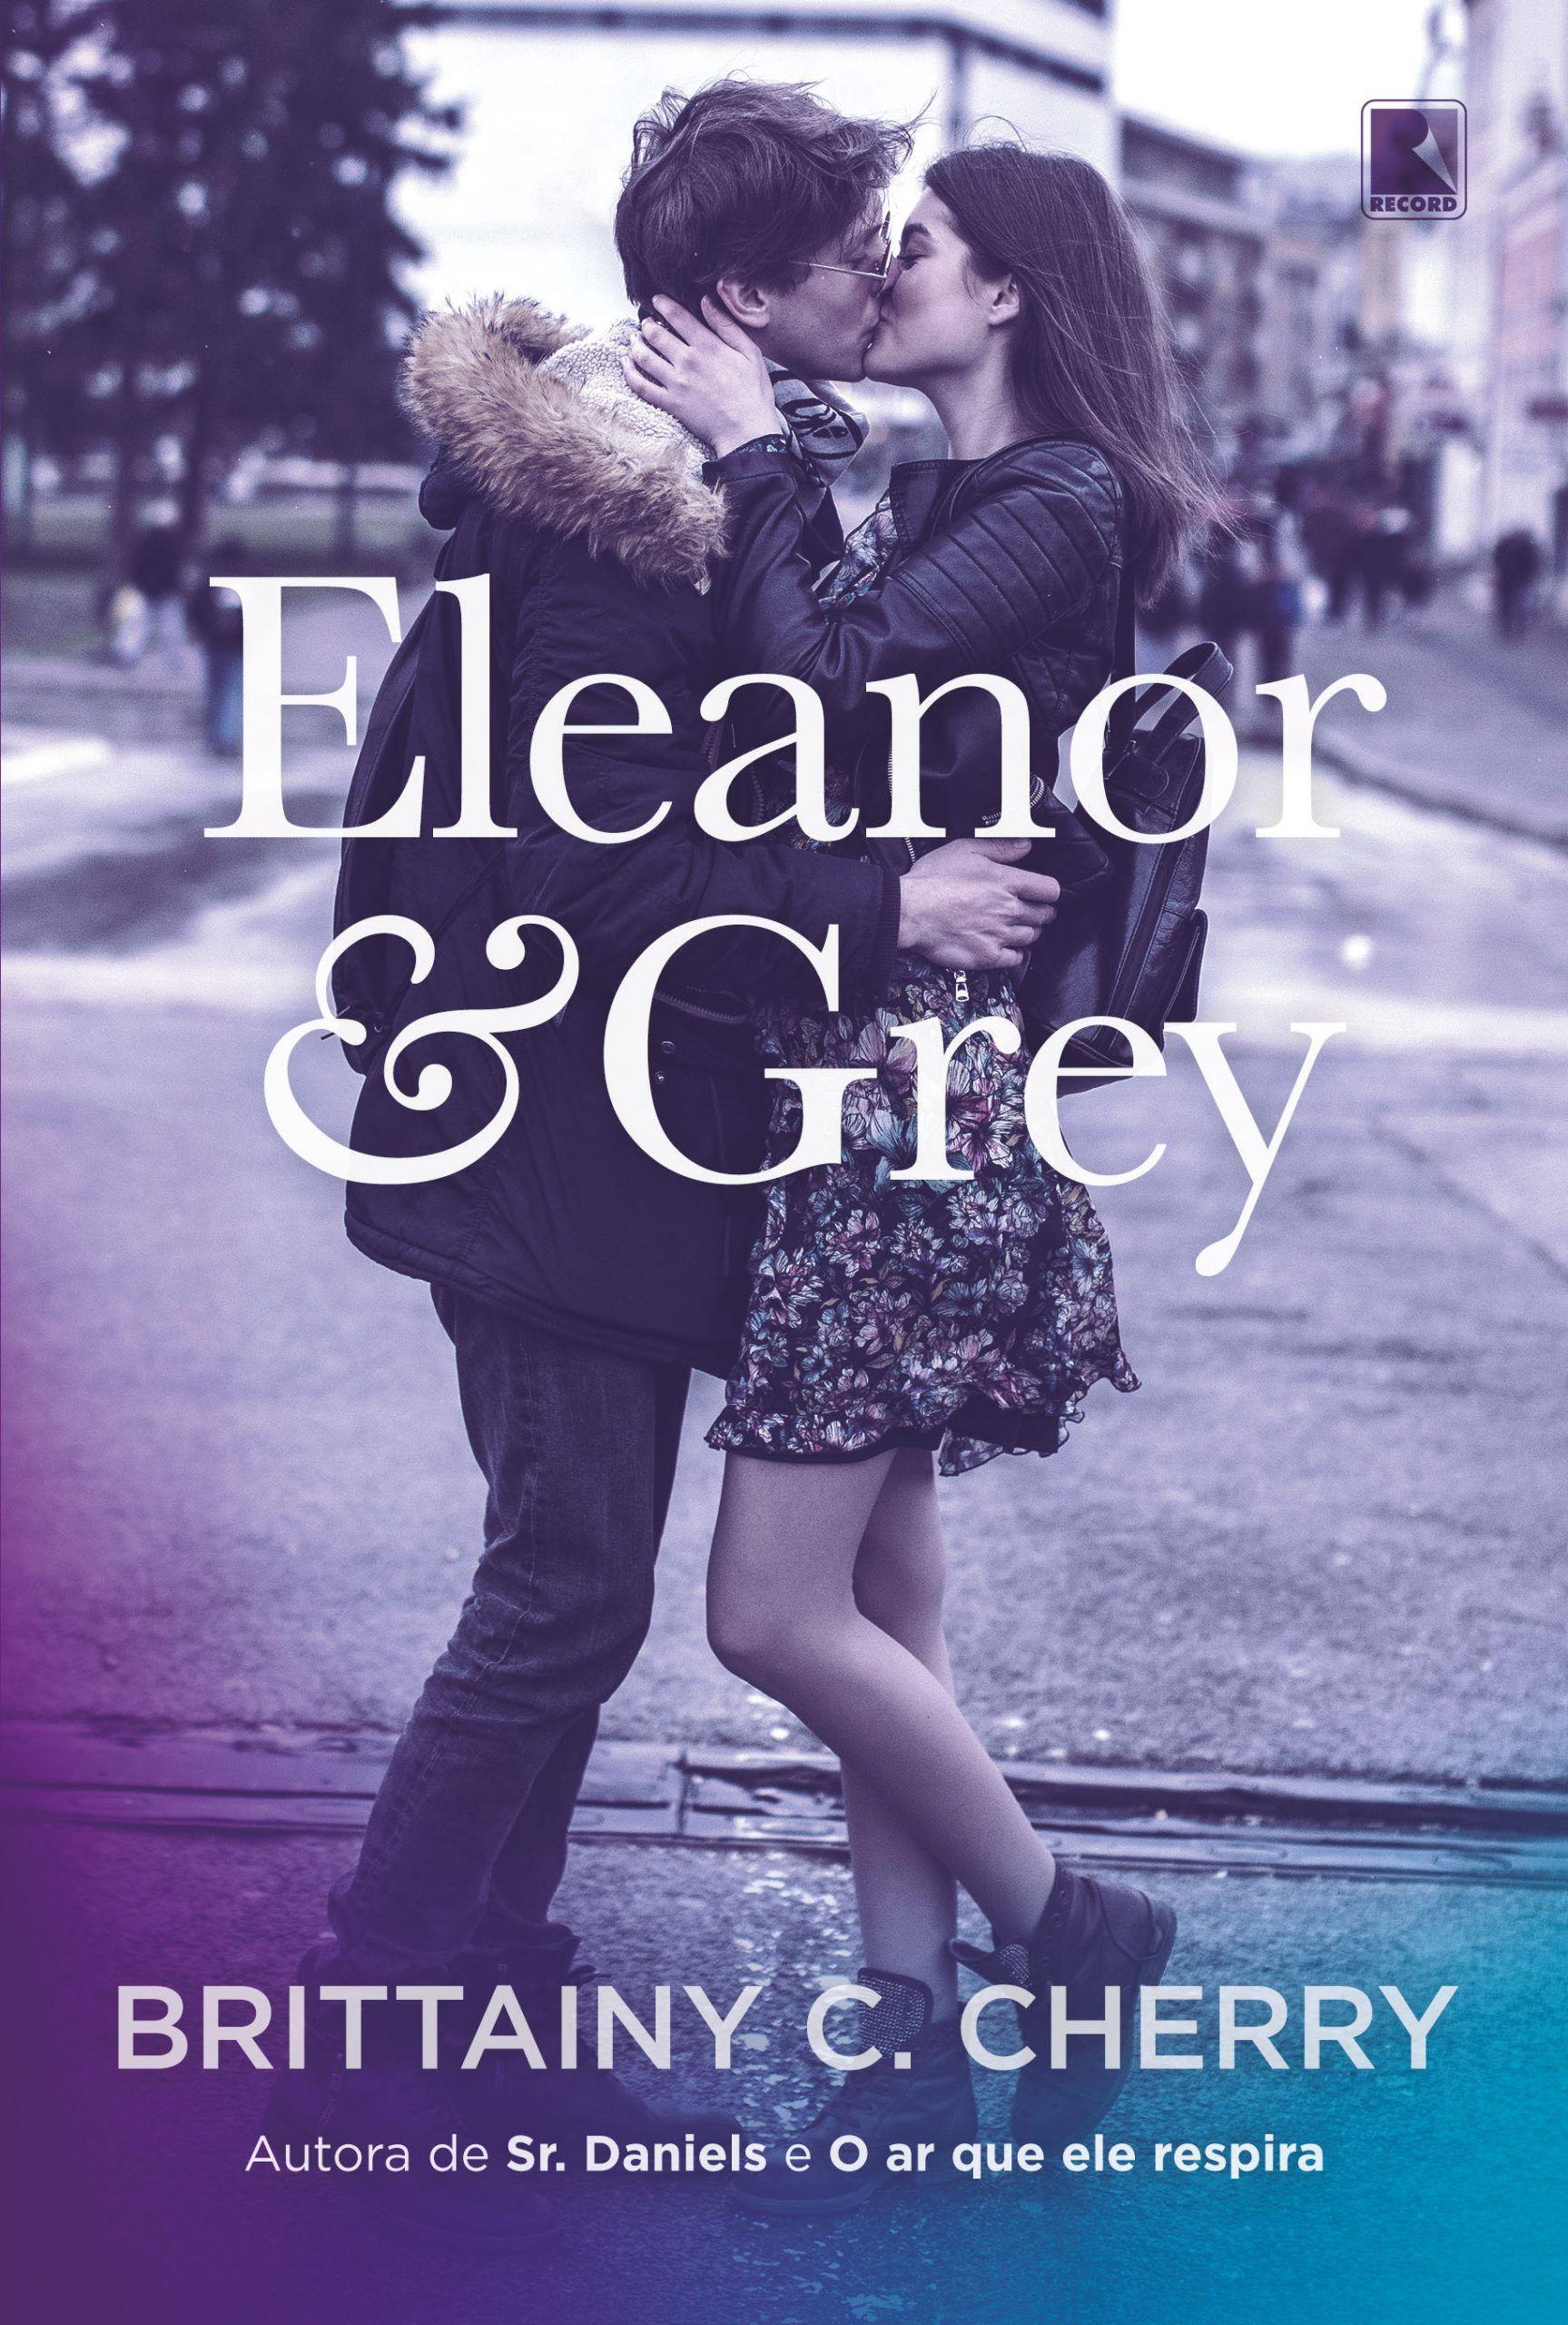 Eleanor Grey E Um Livro Sobre Amizade Familia Perdas E Acima De Tudo Amor Livros Lancamentos Sobre Amizade Autores